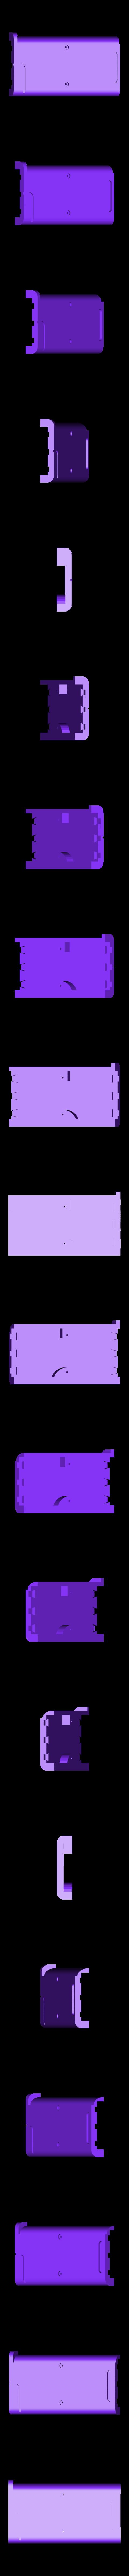 6_Pulserifle_Body6.stl Download free STL file Pulse Rifle • 3D printer template, Snorri